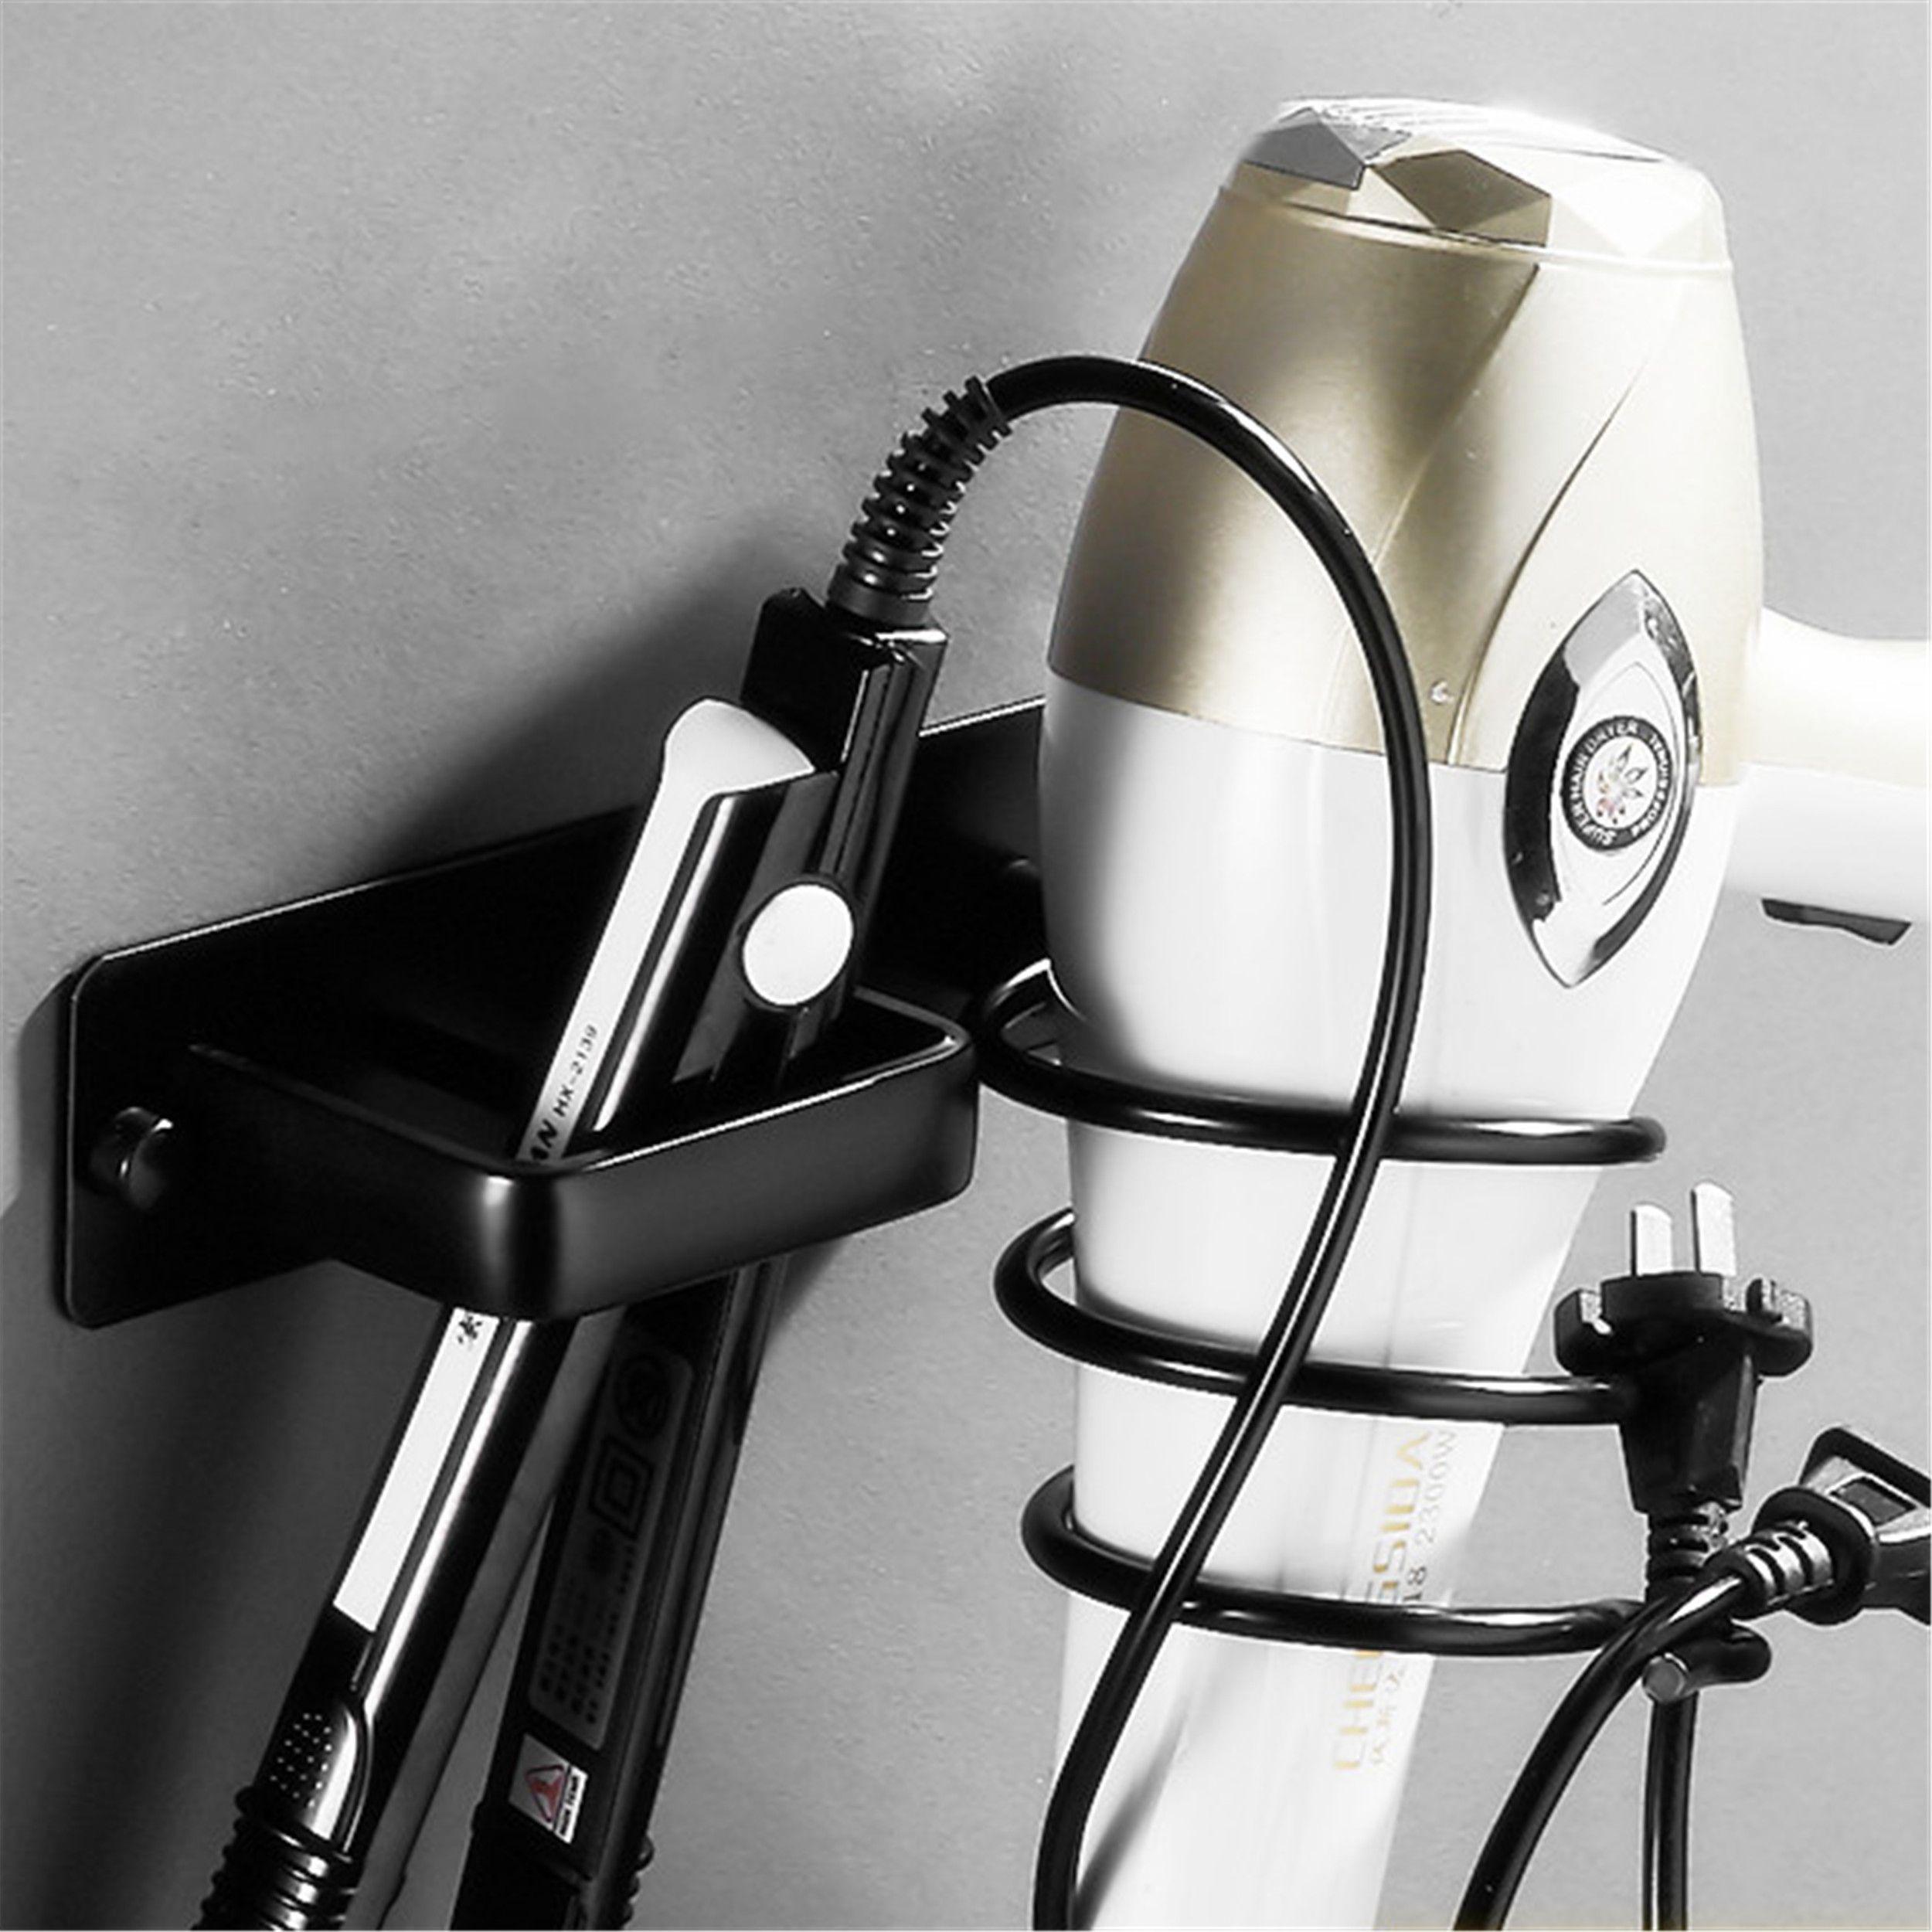 Wand befestigtes Badezimmer Schwarz Fönhalter Raum-Aluminium Haarglätter Halter-Speicher Badezimmer Regal Zubehör